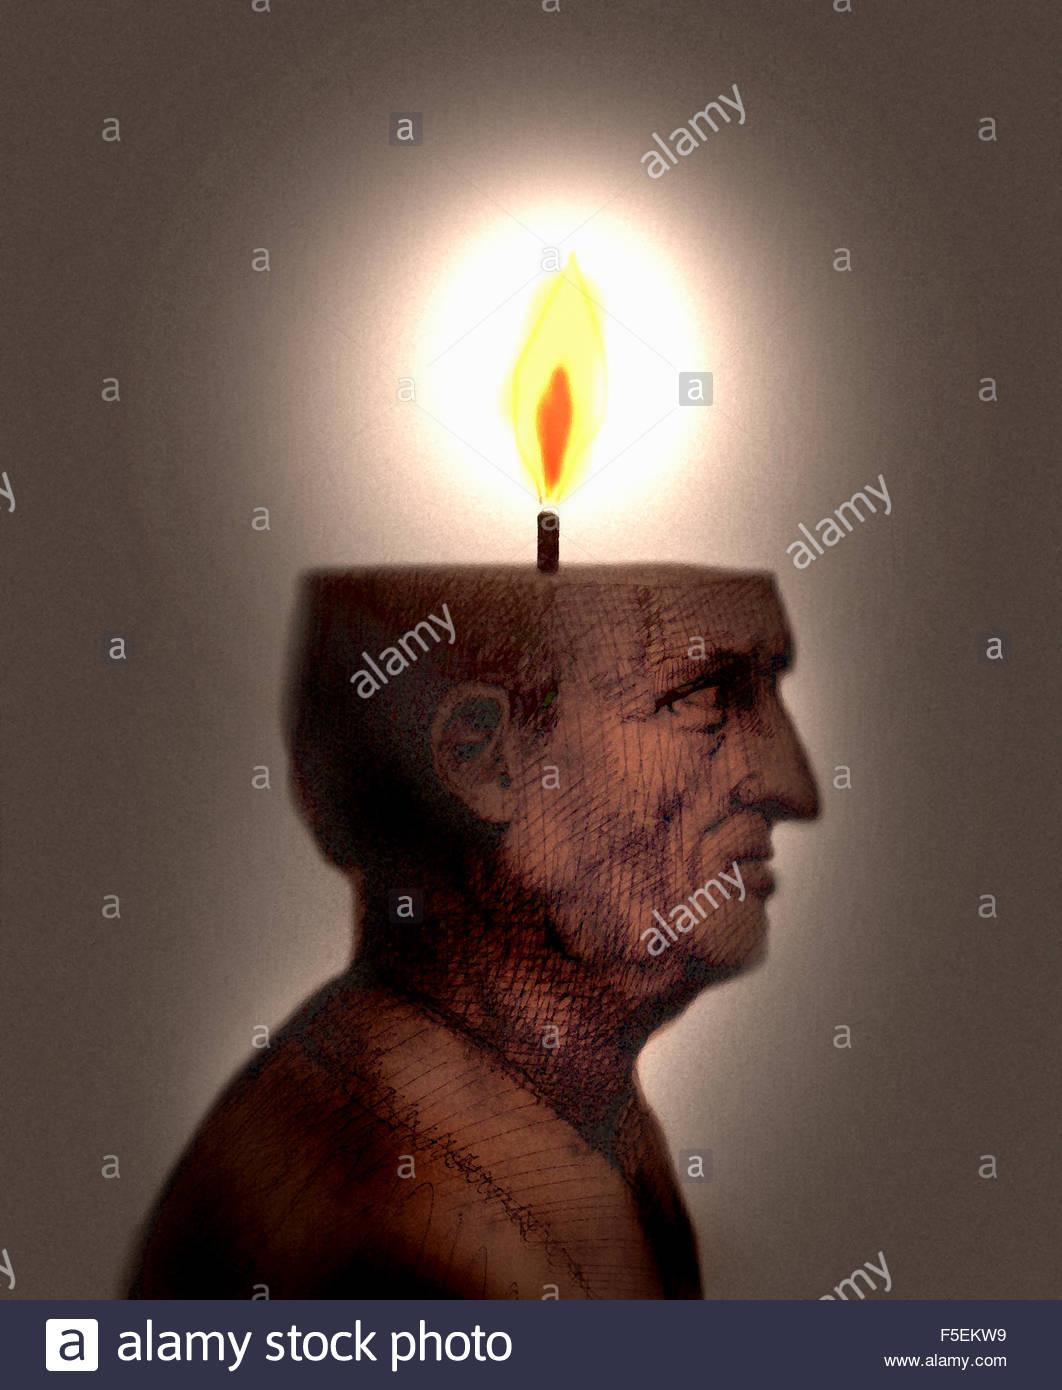 Uomo anziano con candela accesa che ardono all'interno della testa Immagini Stock